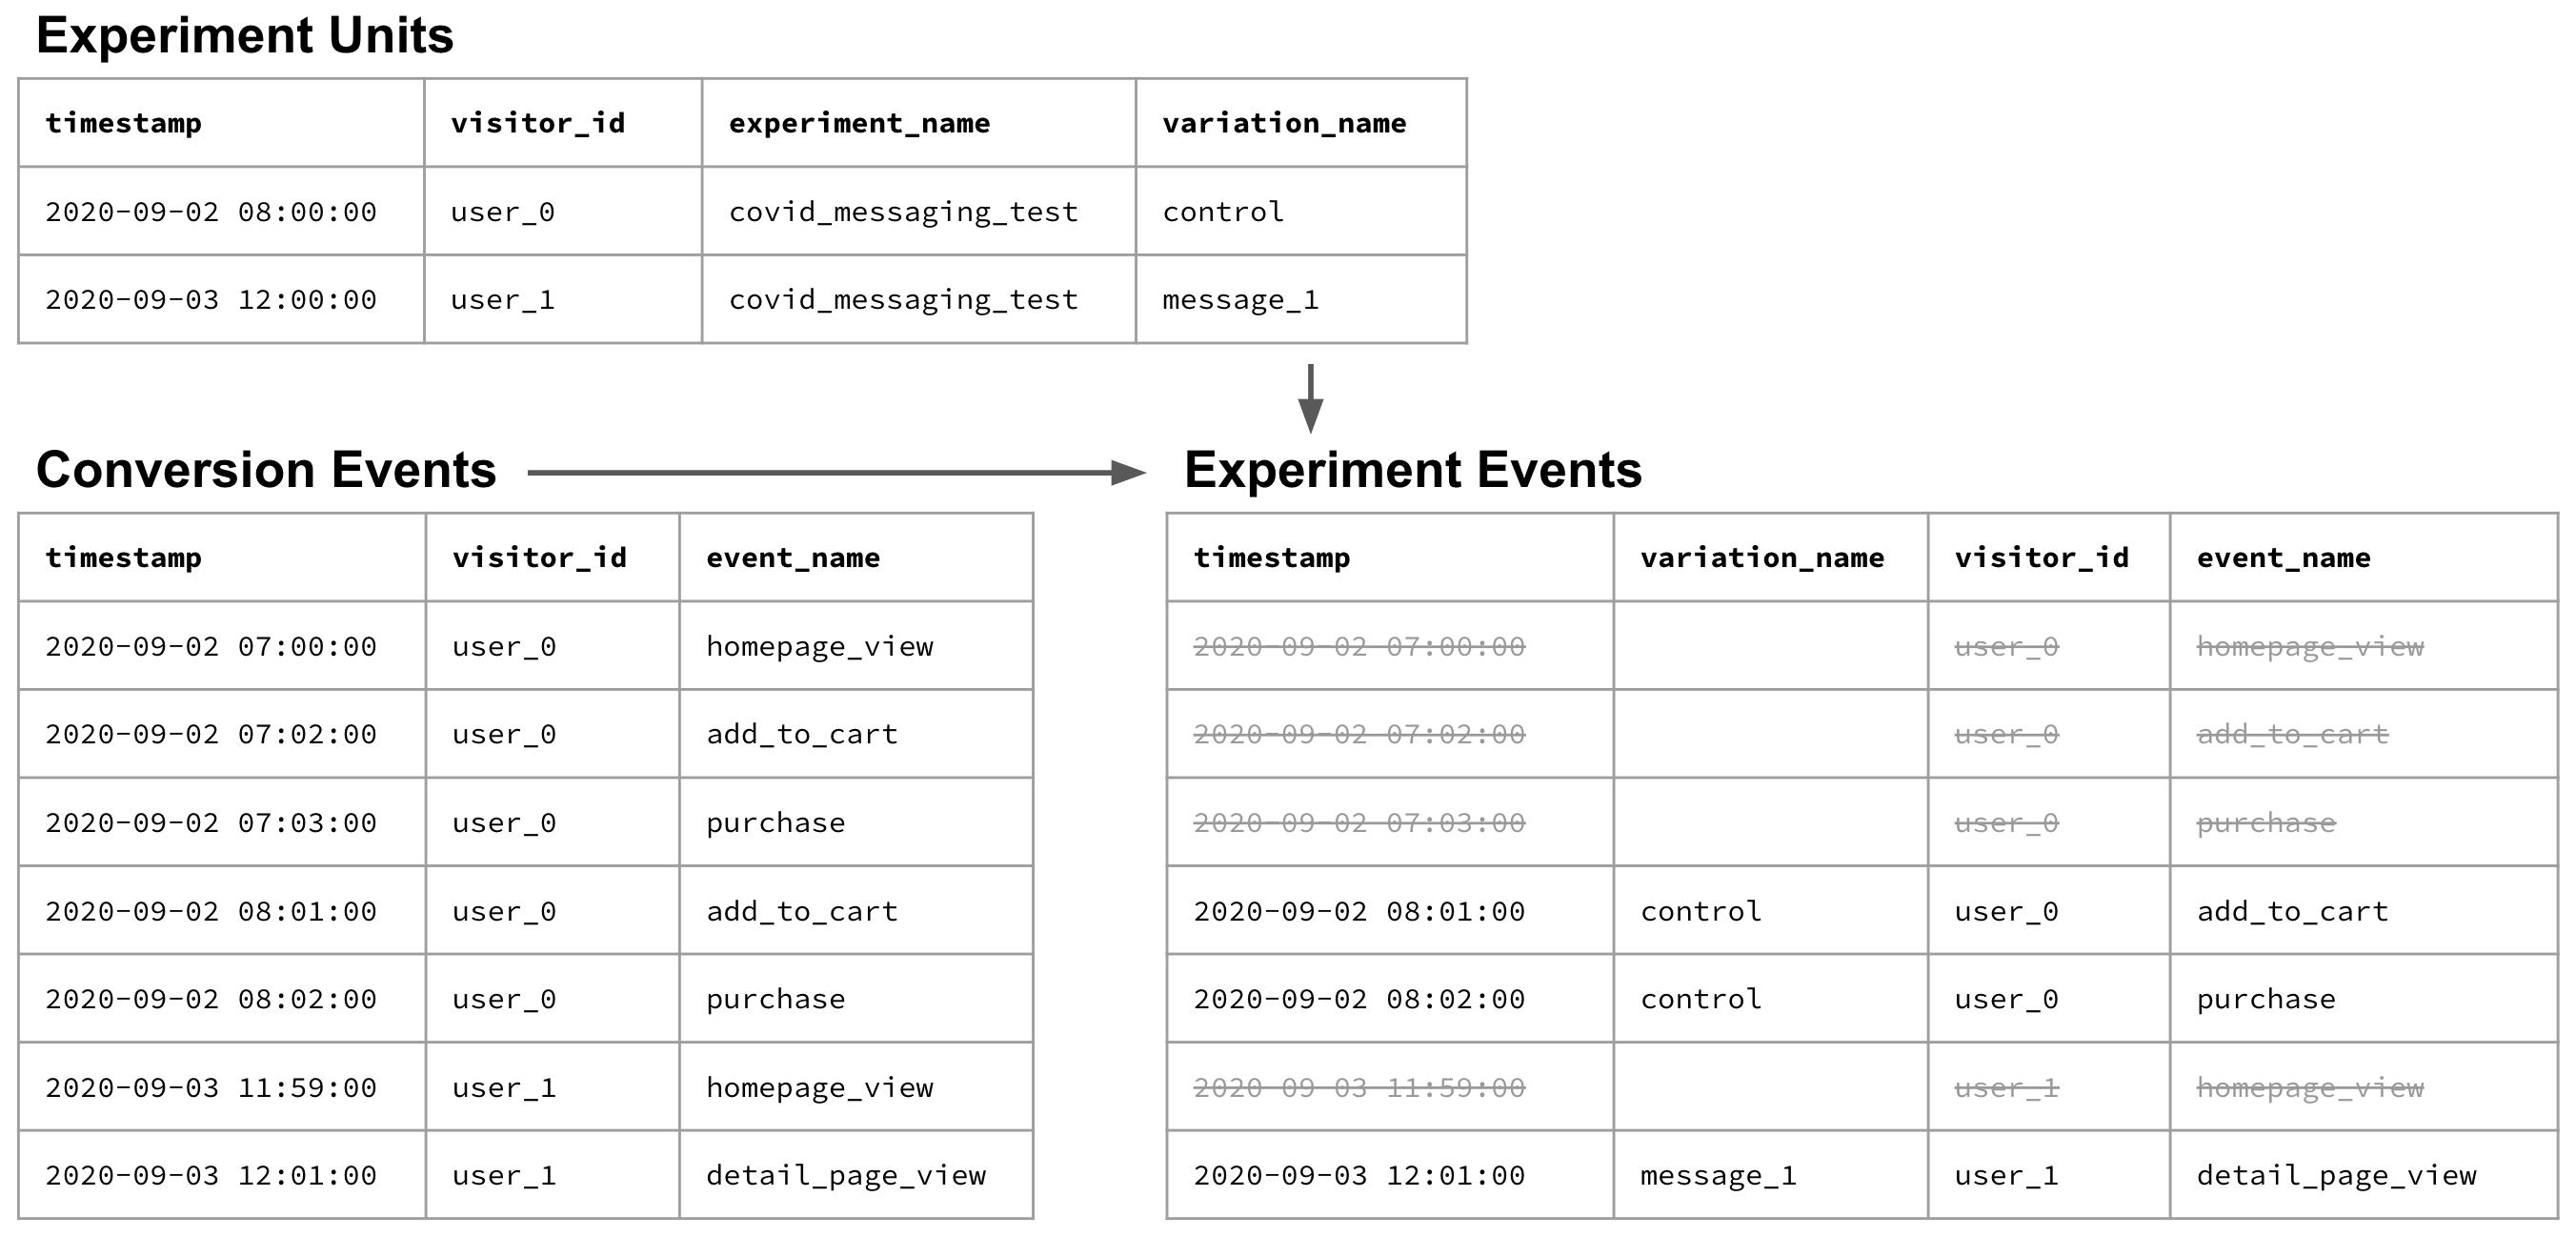 Experiment Units